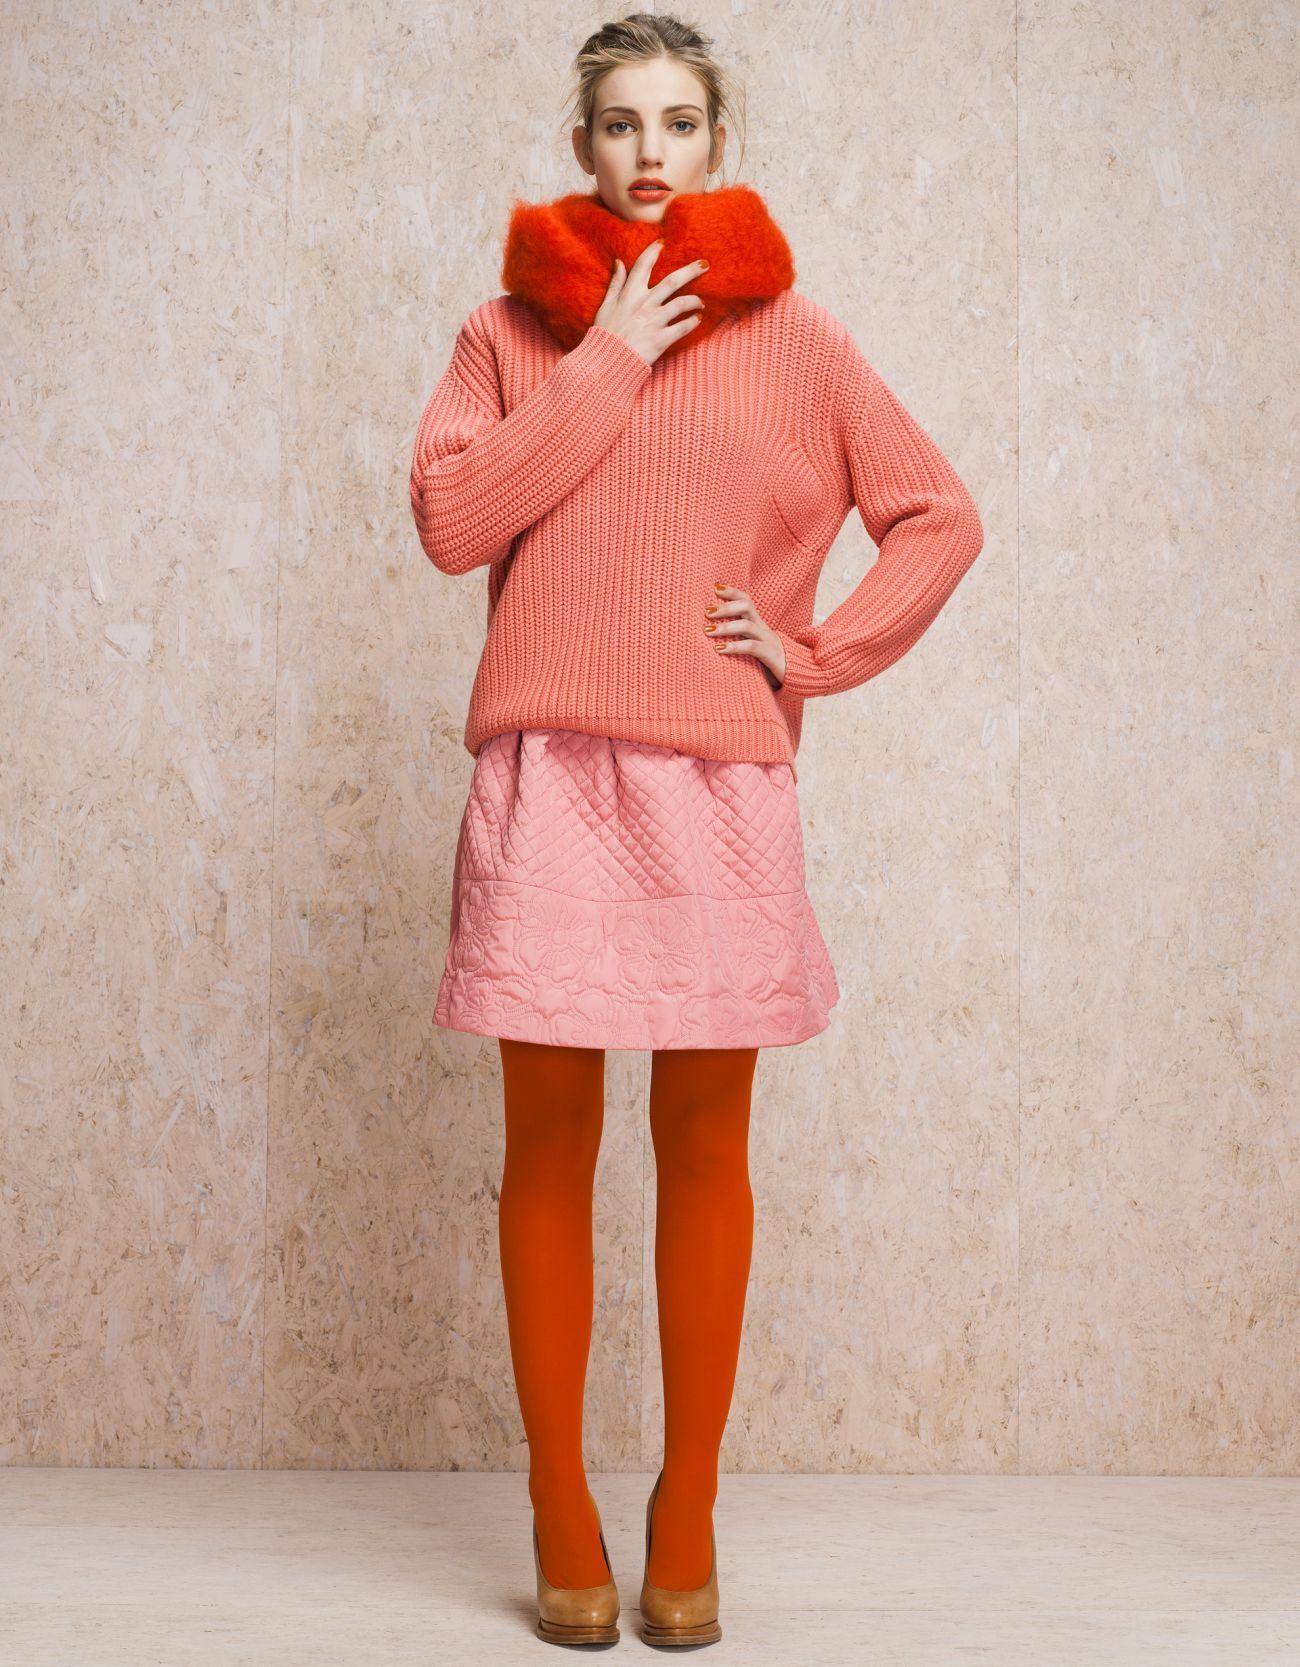 oilily happy! | women\'s style | Pinterest | Escarlata, Trapillo y Bella